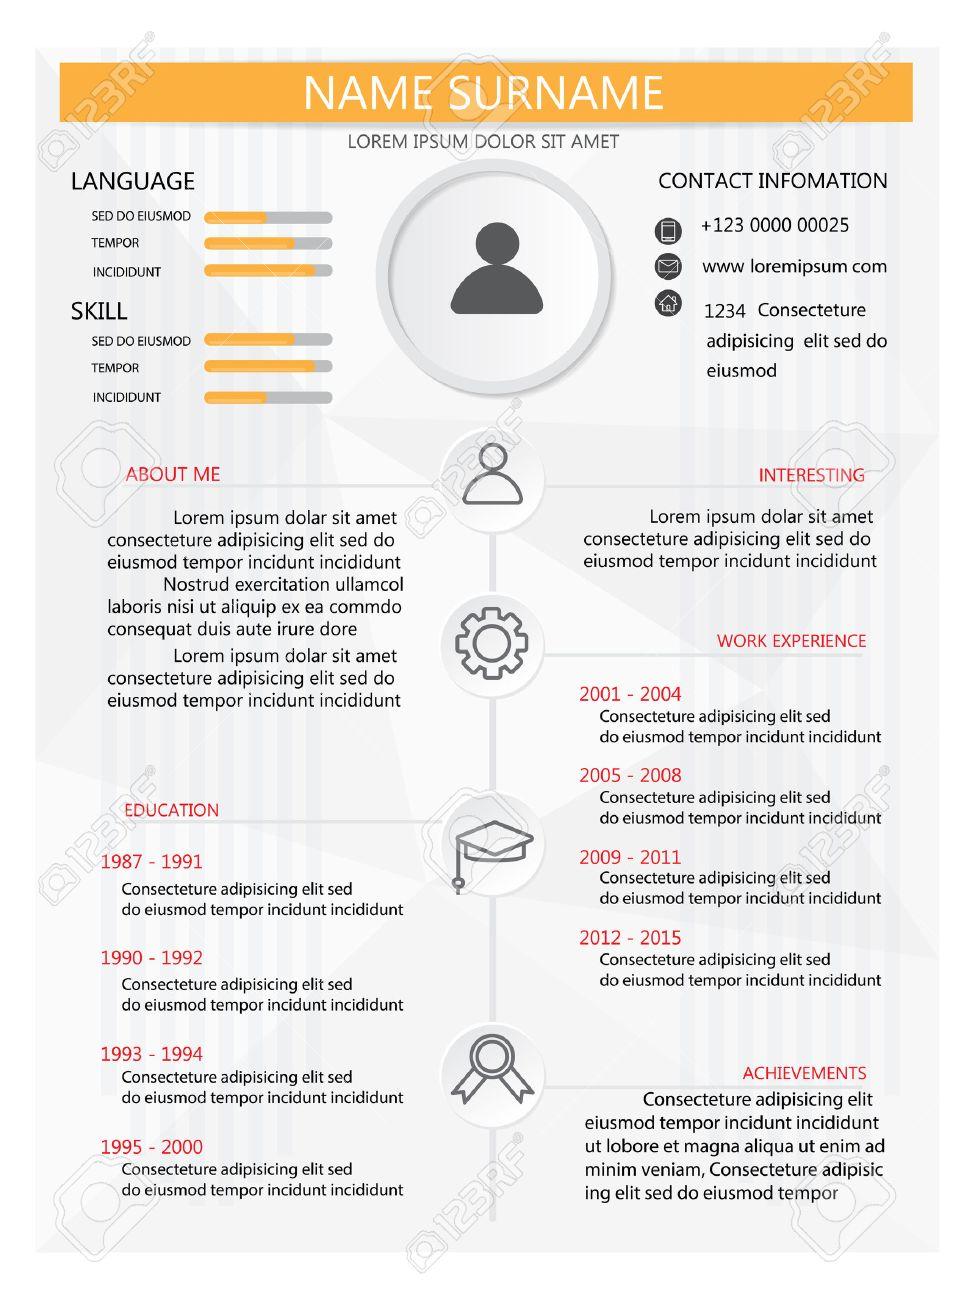 curriculum vitae cv plantilla infografa fondo y el elemento se puede utilizar para